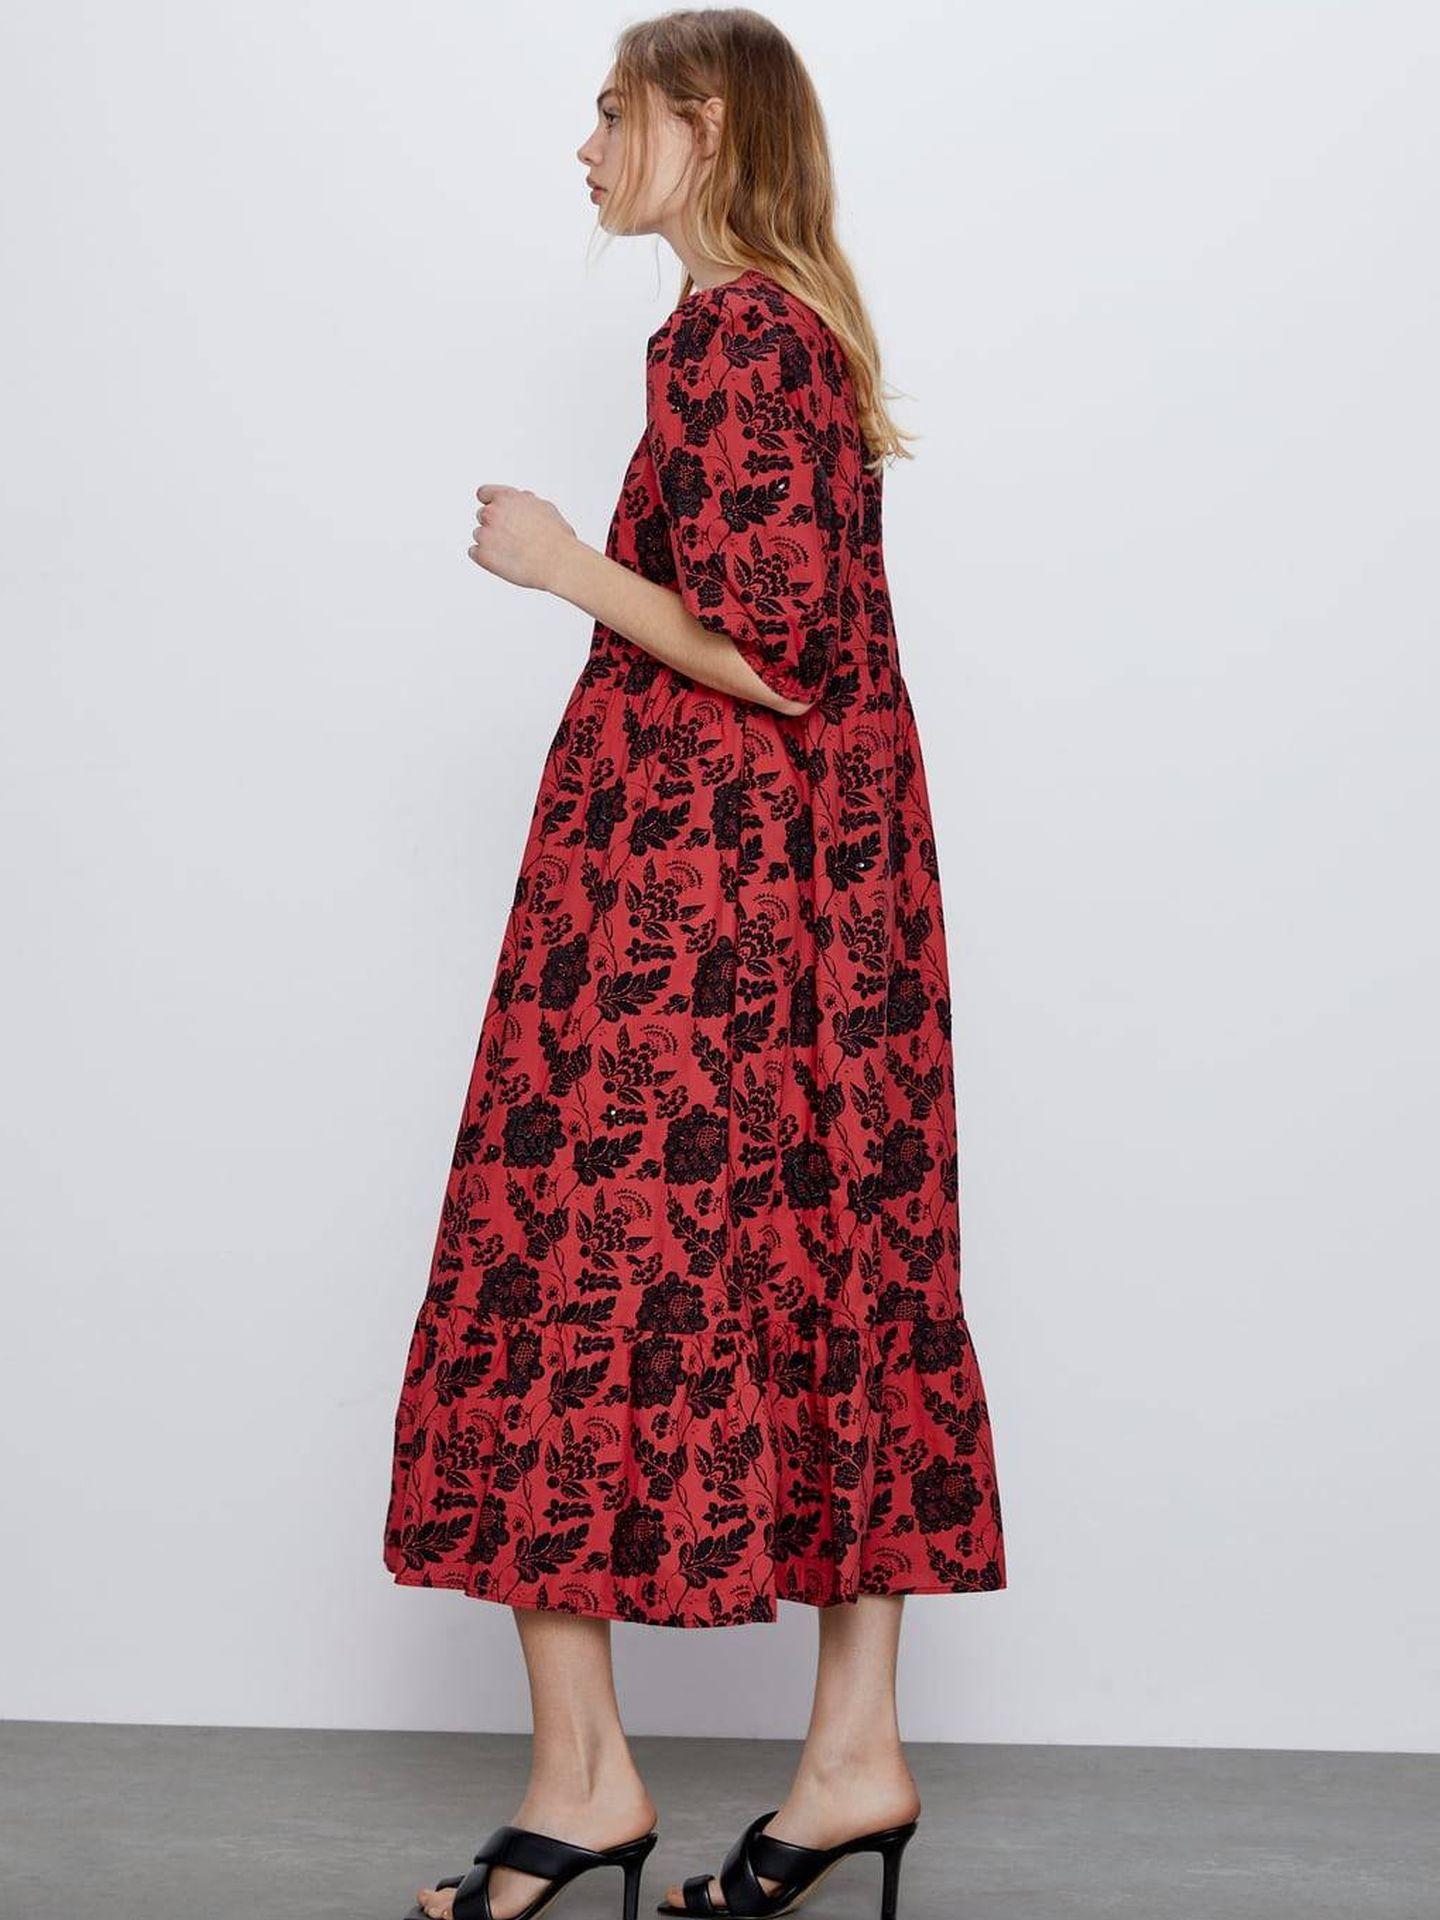 El vestido de Zara cuesta 26 euros (Cortesía)